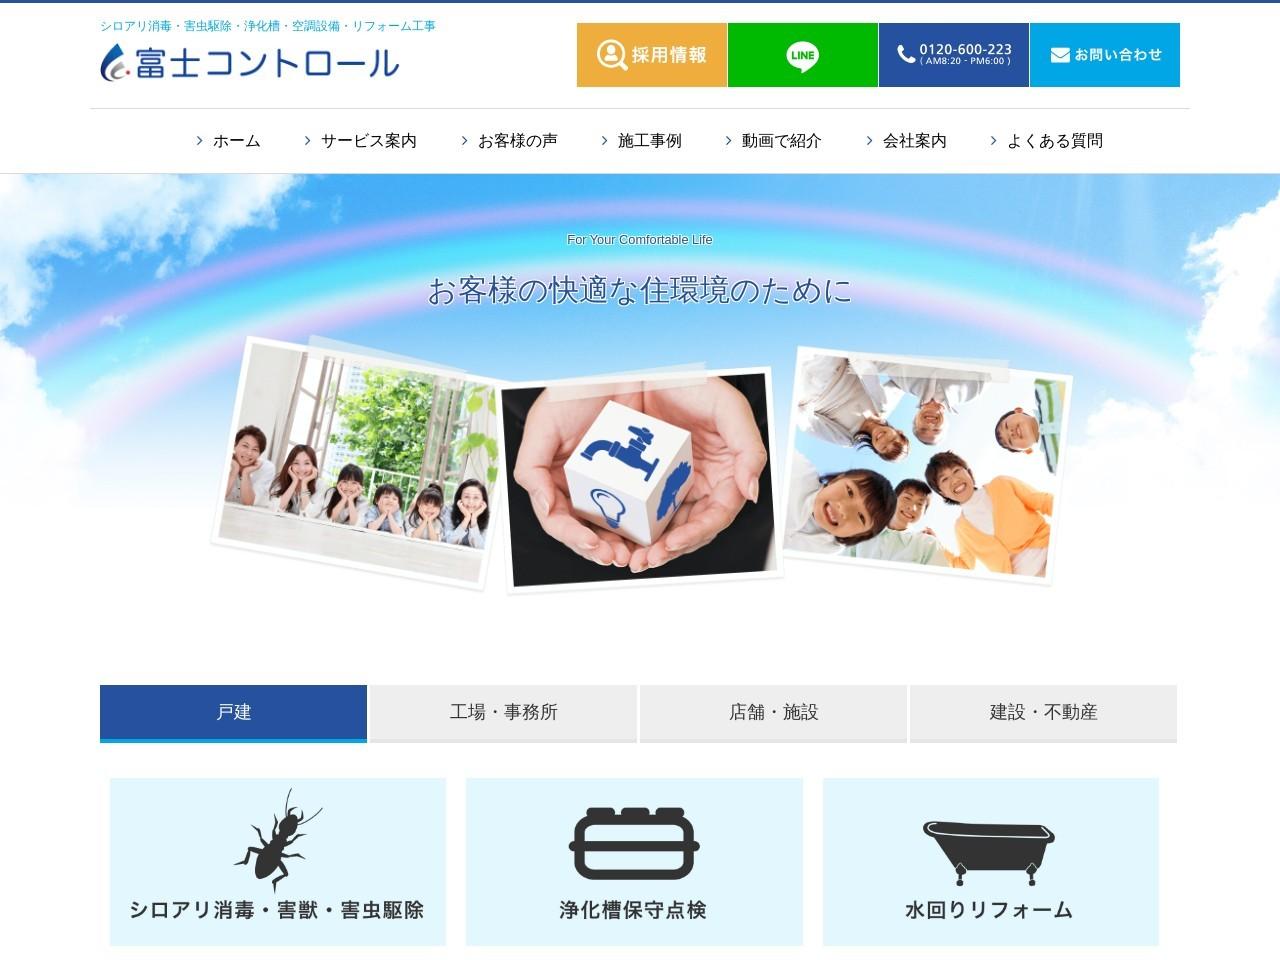 富士コントロール株式会社行田営業所